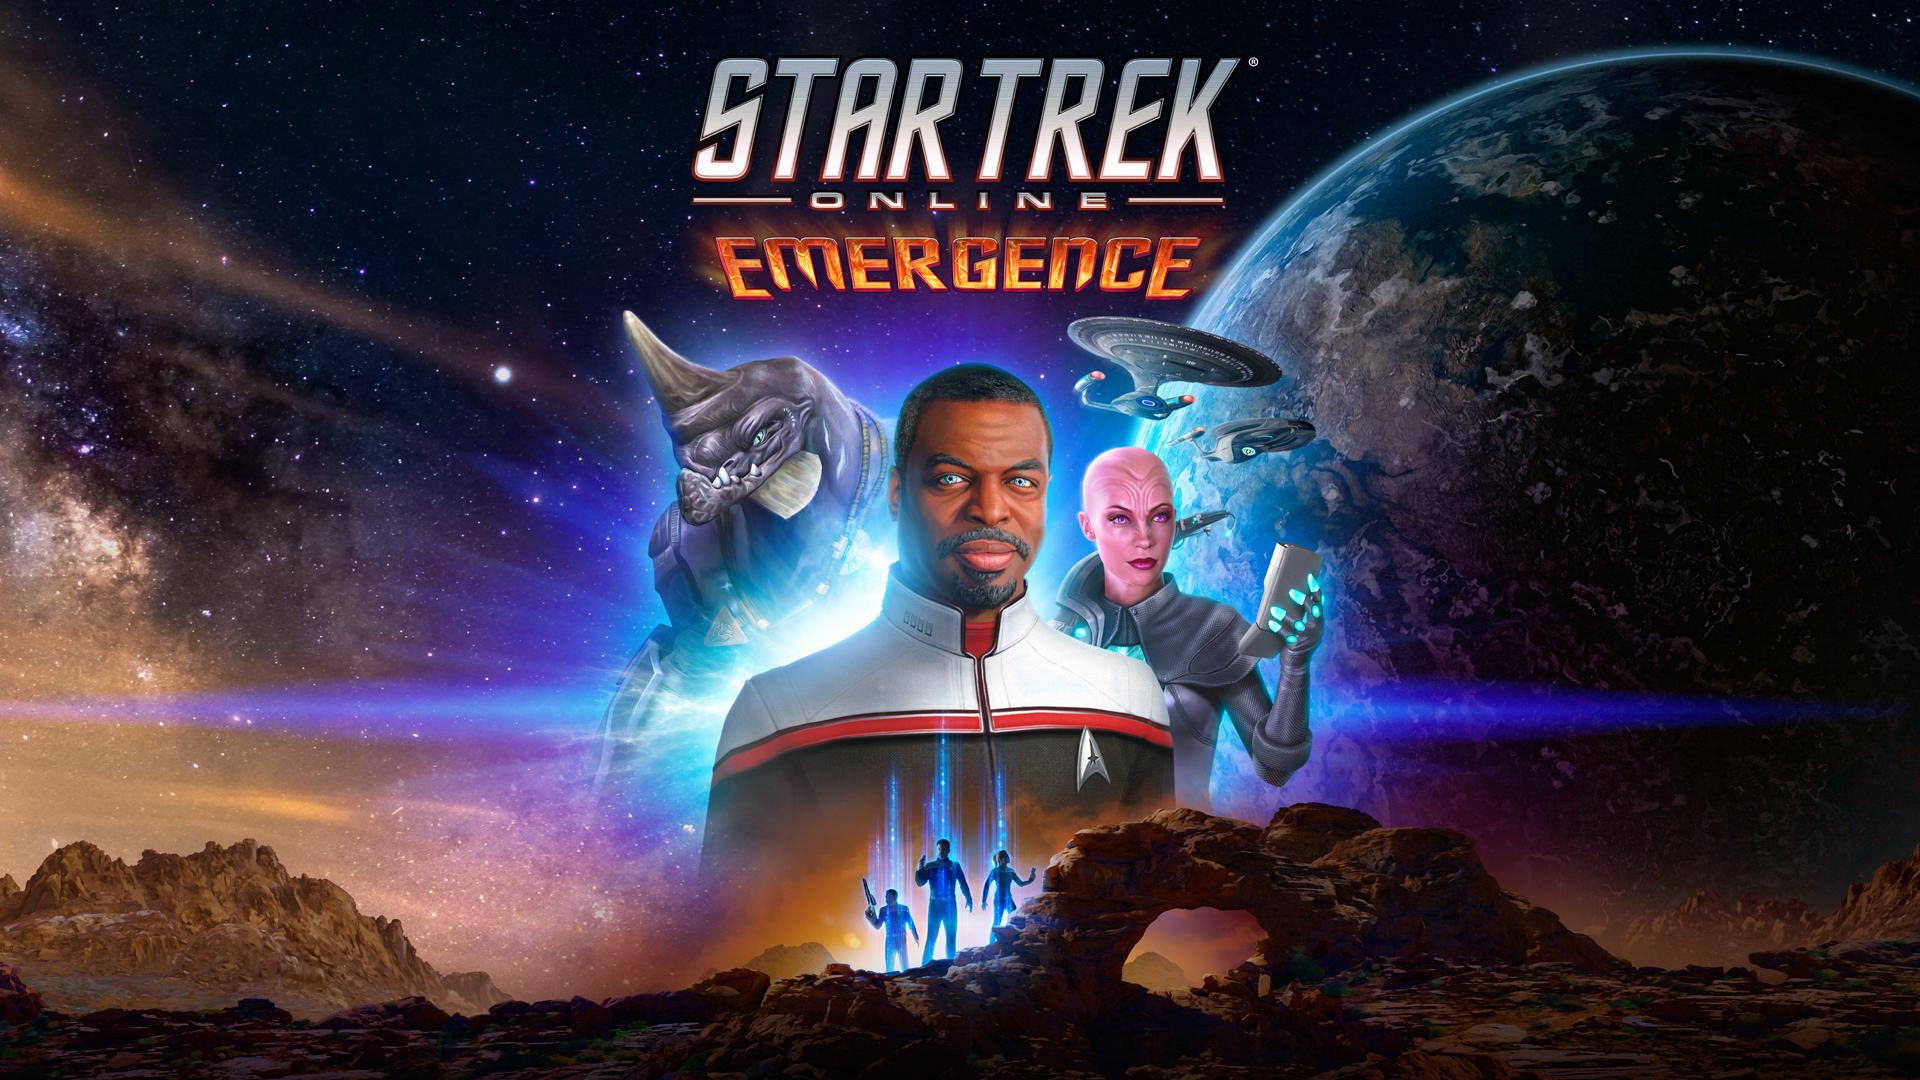 Star trek online season 14 release date